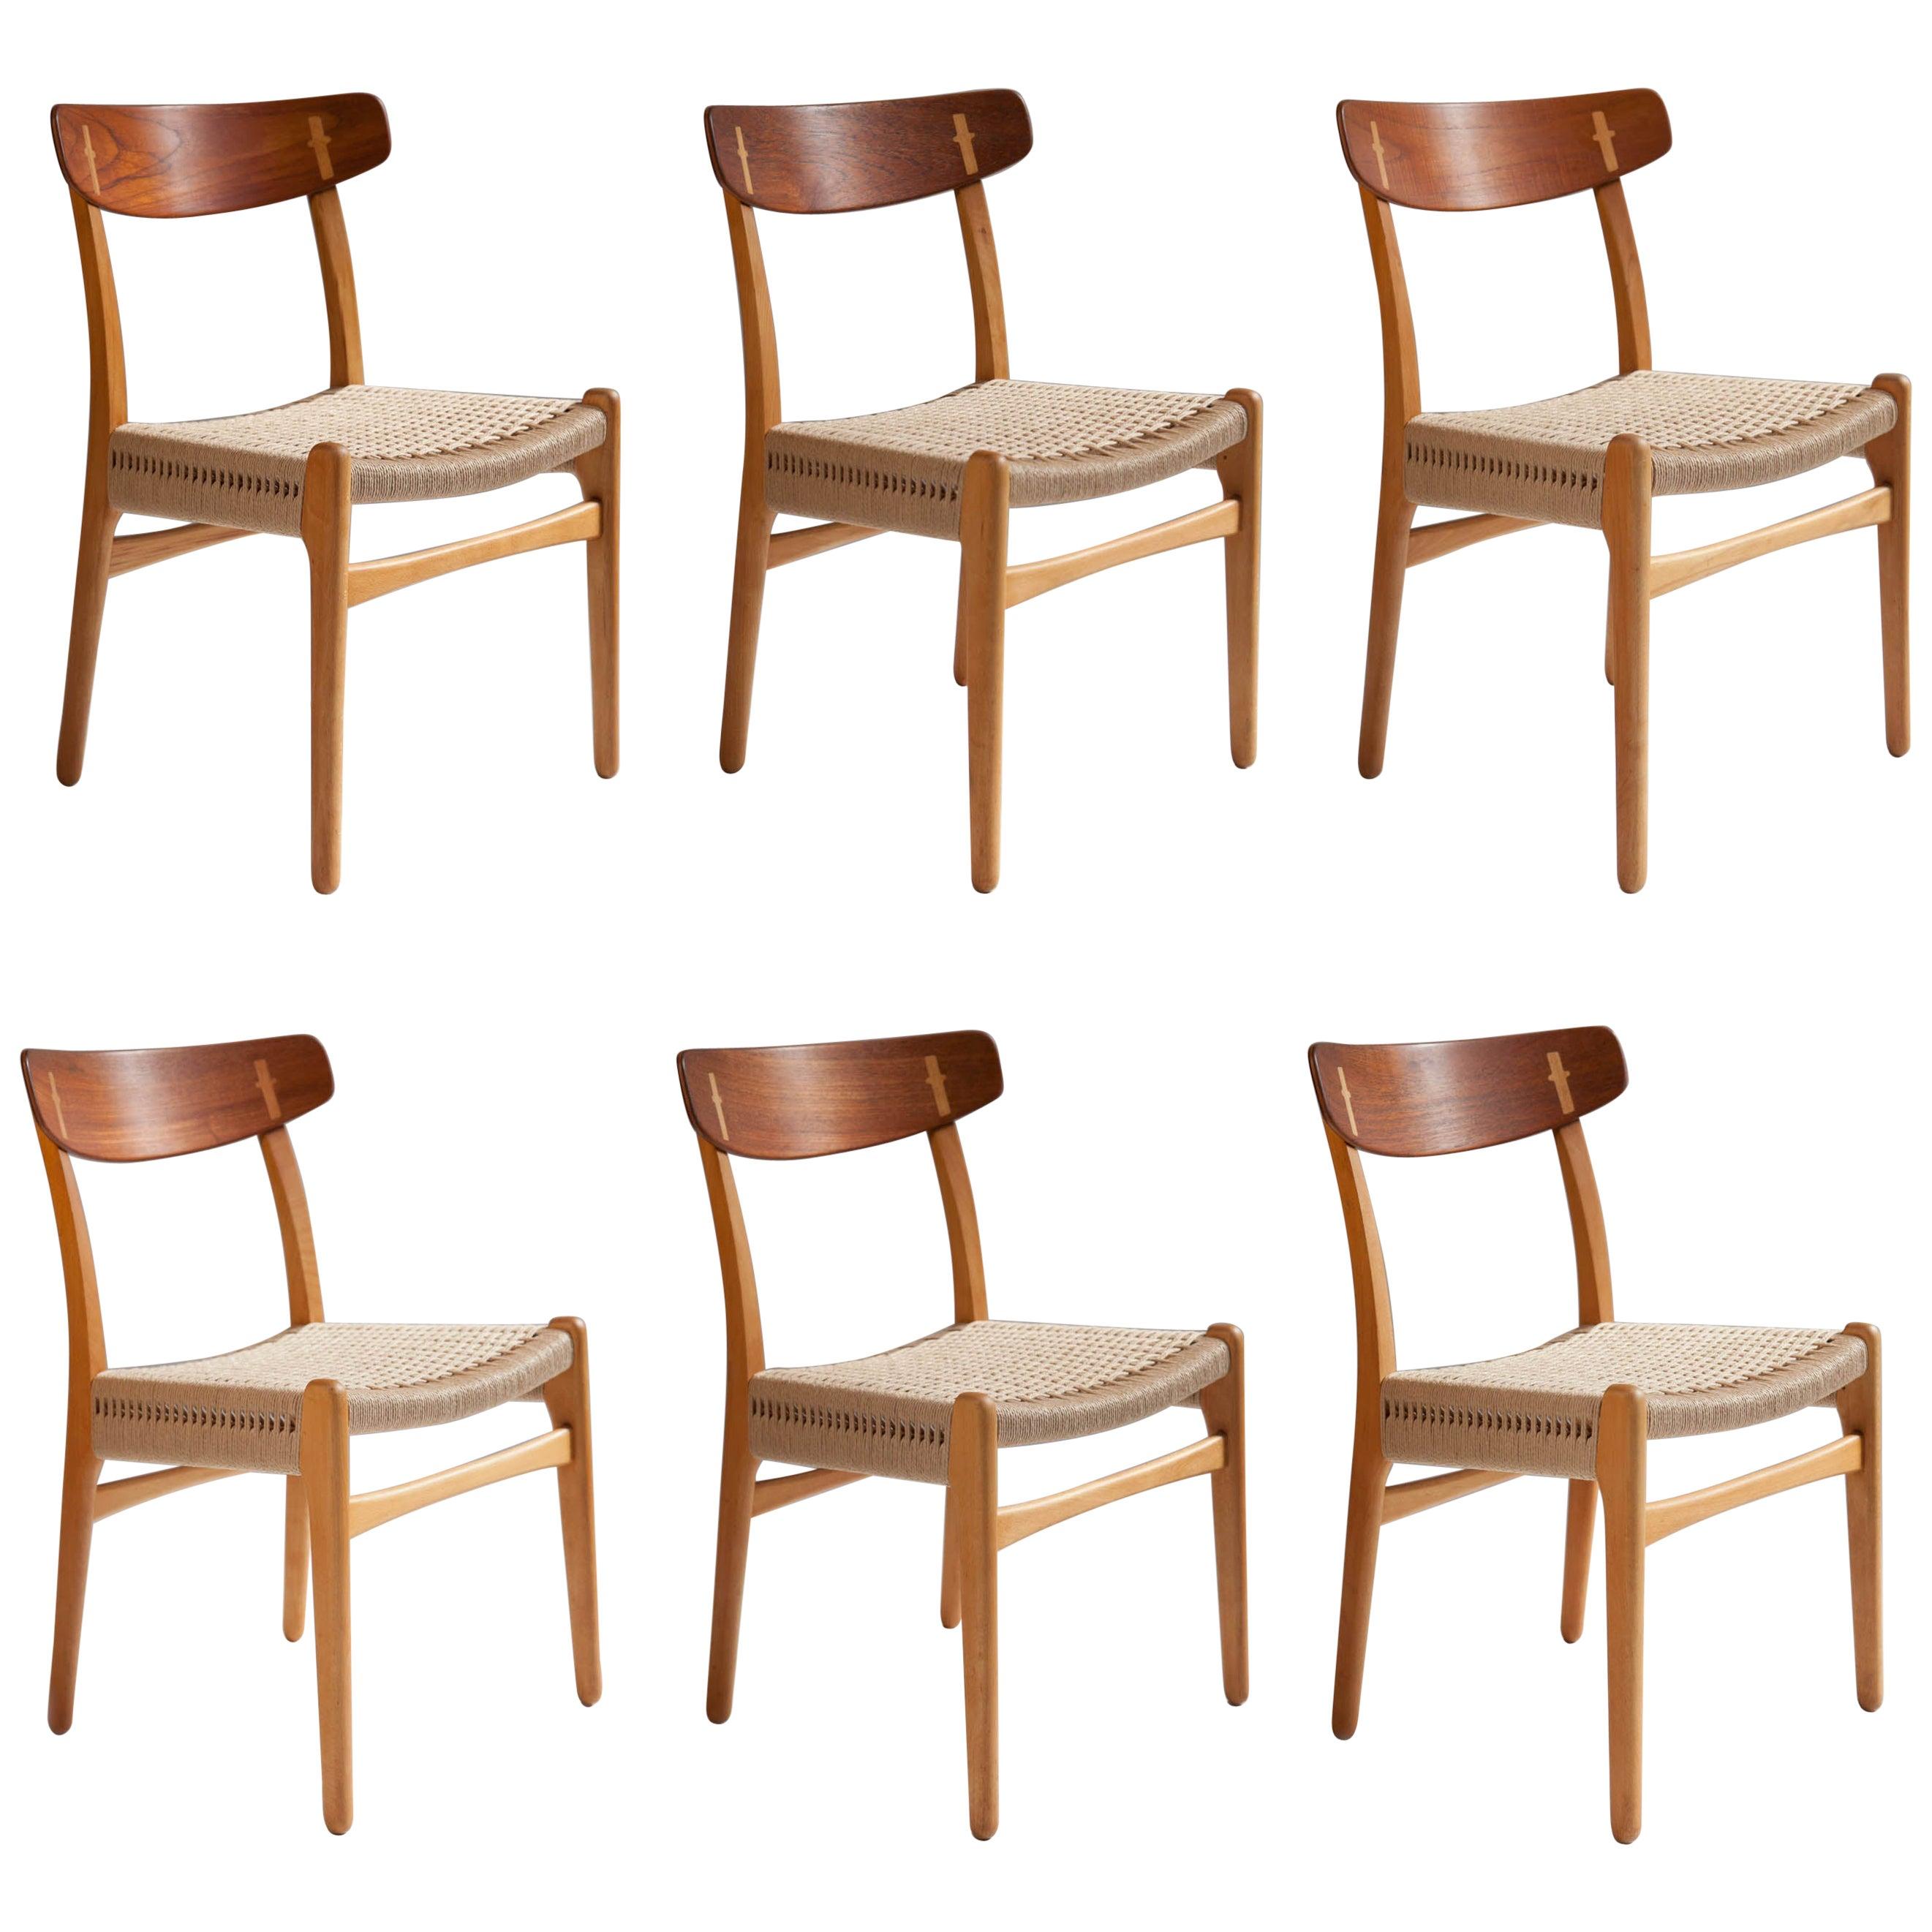 Hans J. Wegner Ch-23 Dining Chairs, Set of 6, Denmark